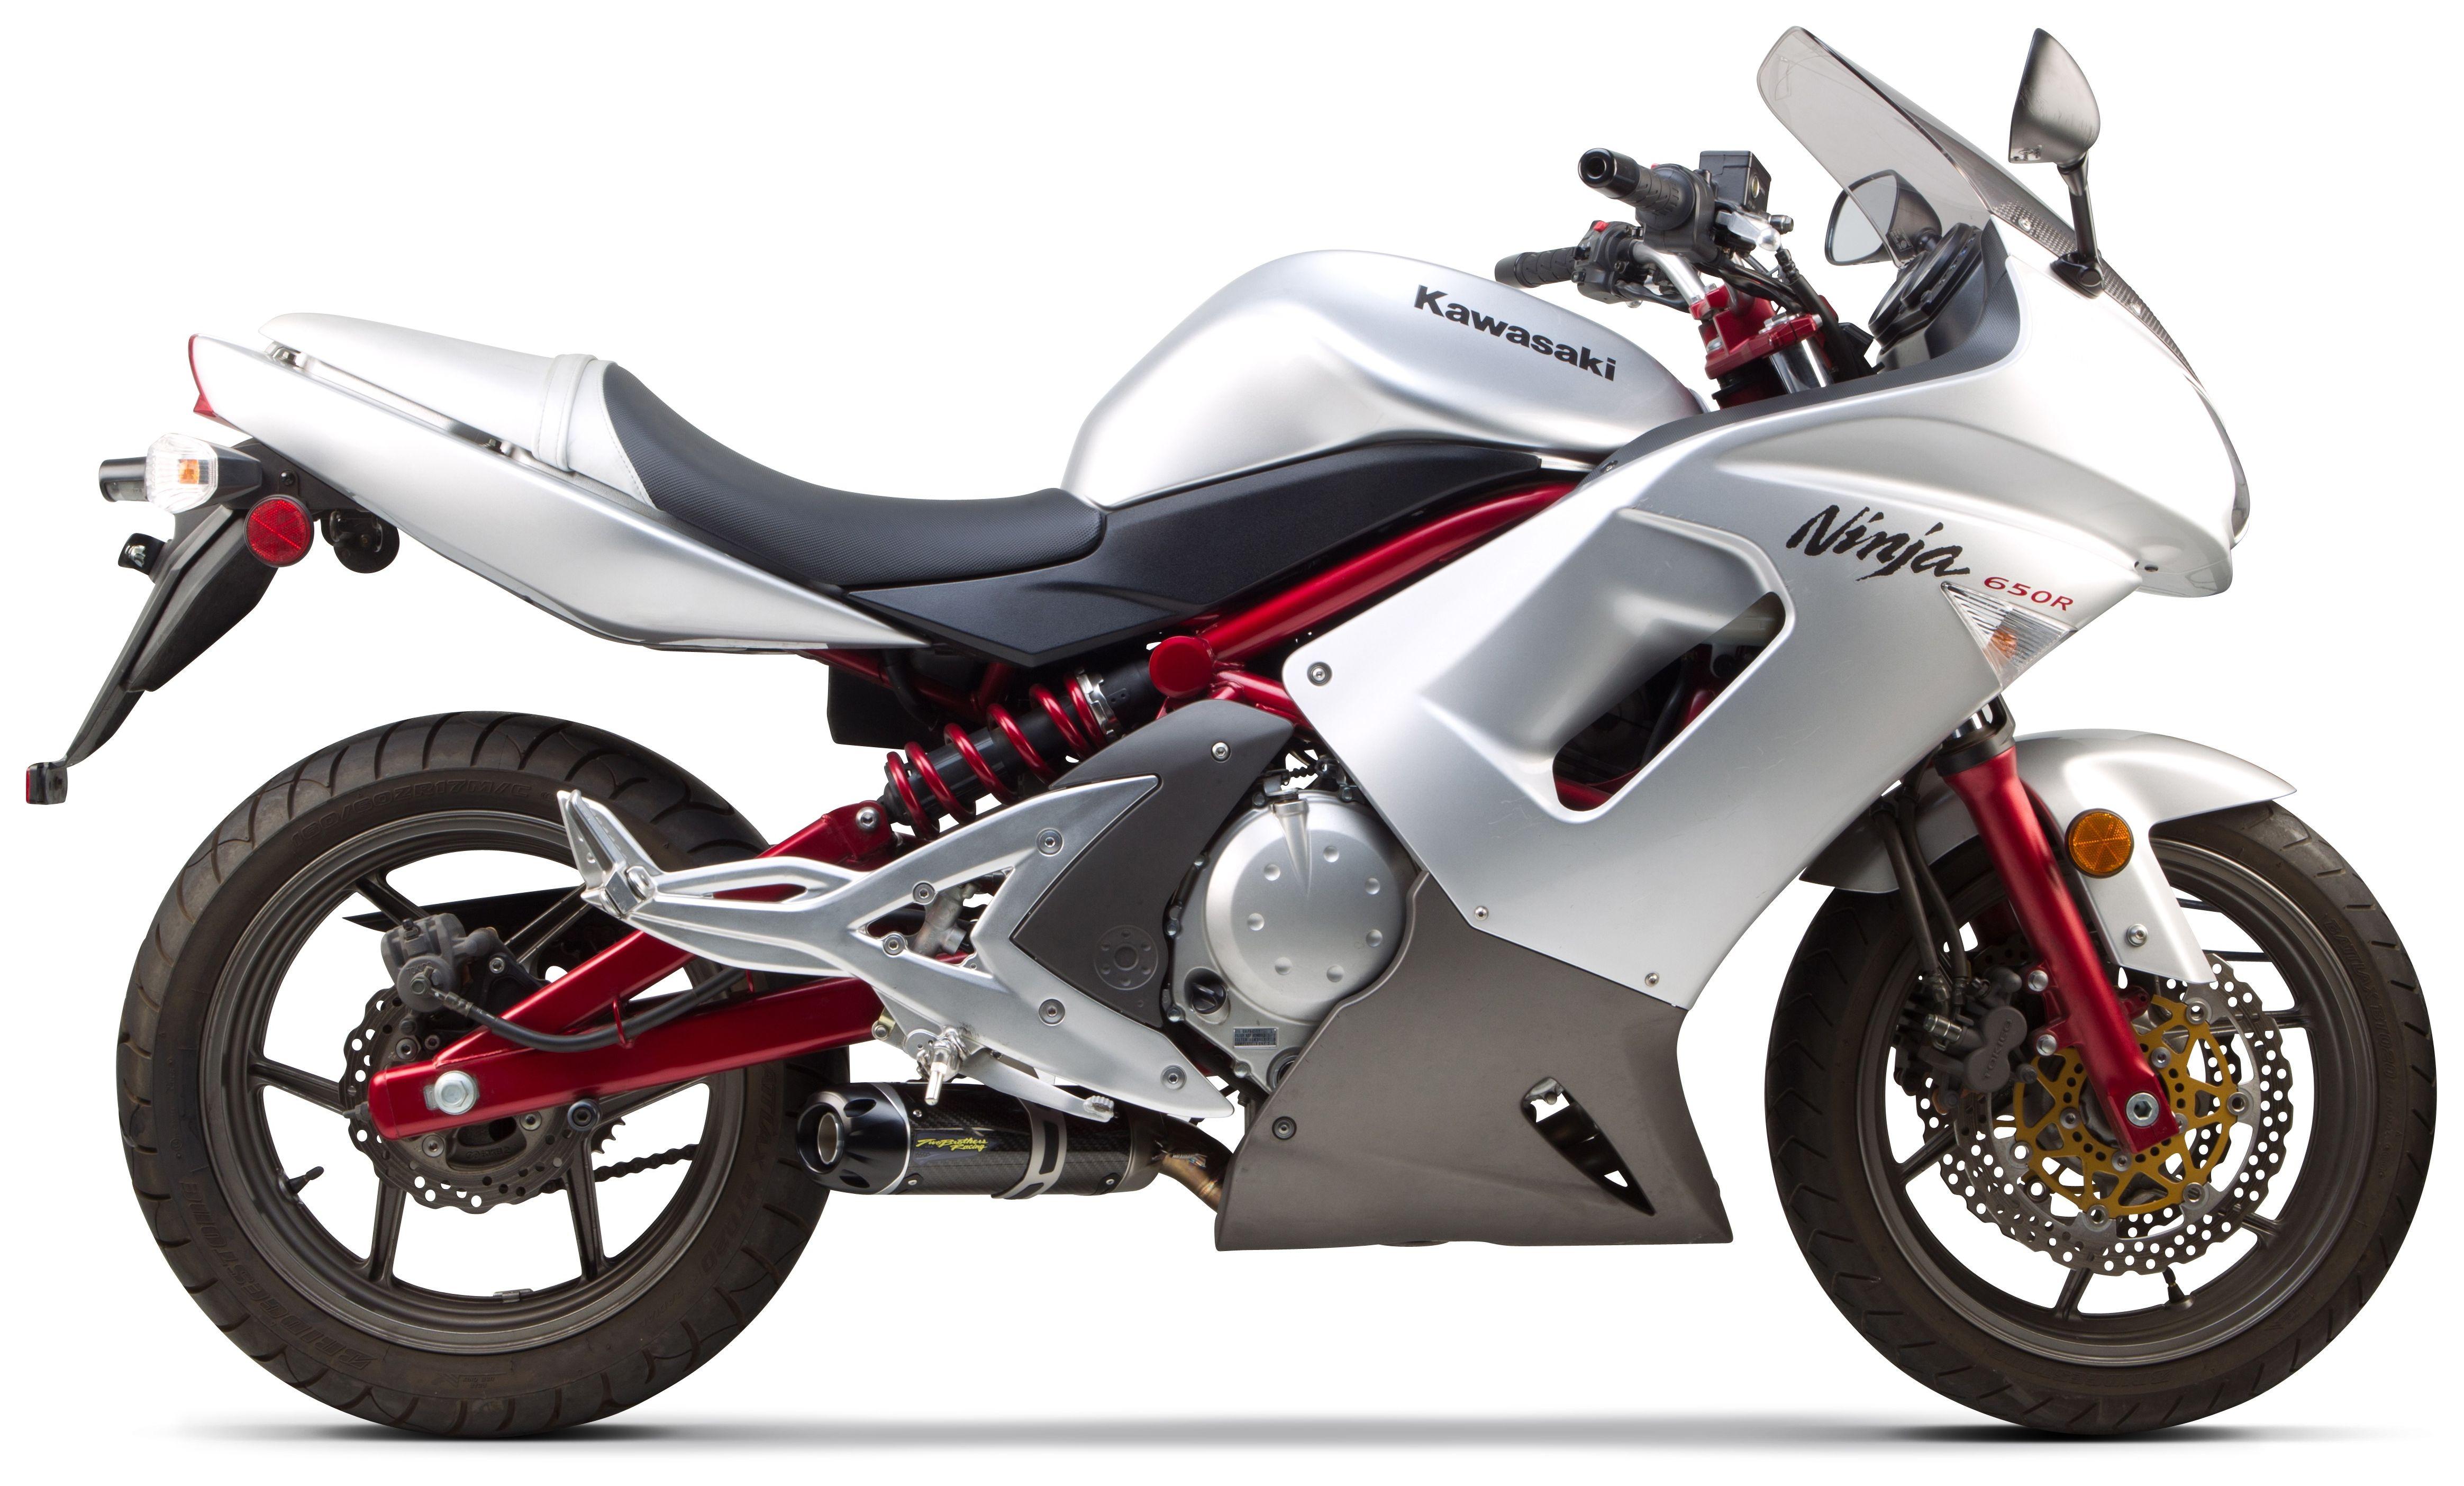 Two Brothers S1R Slip-On Exhaust Kawasaki Ninja 650R / Versys / ER6n ...